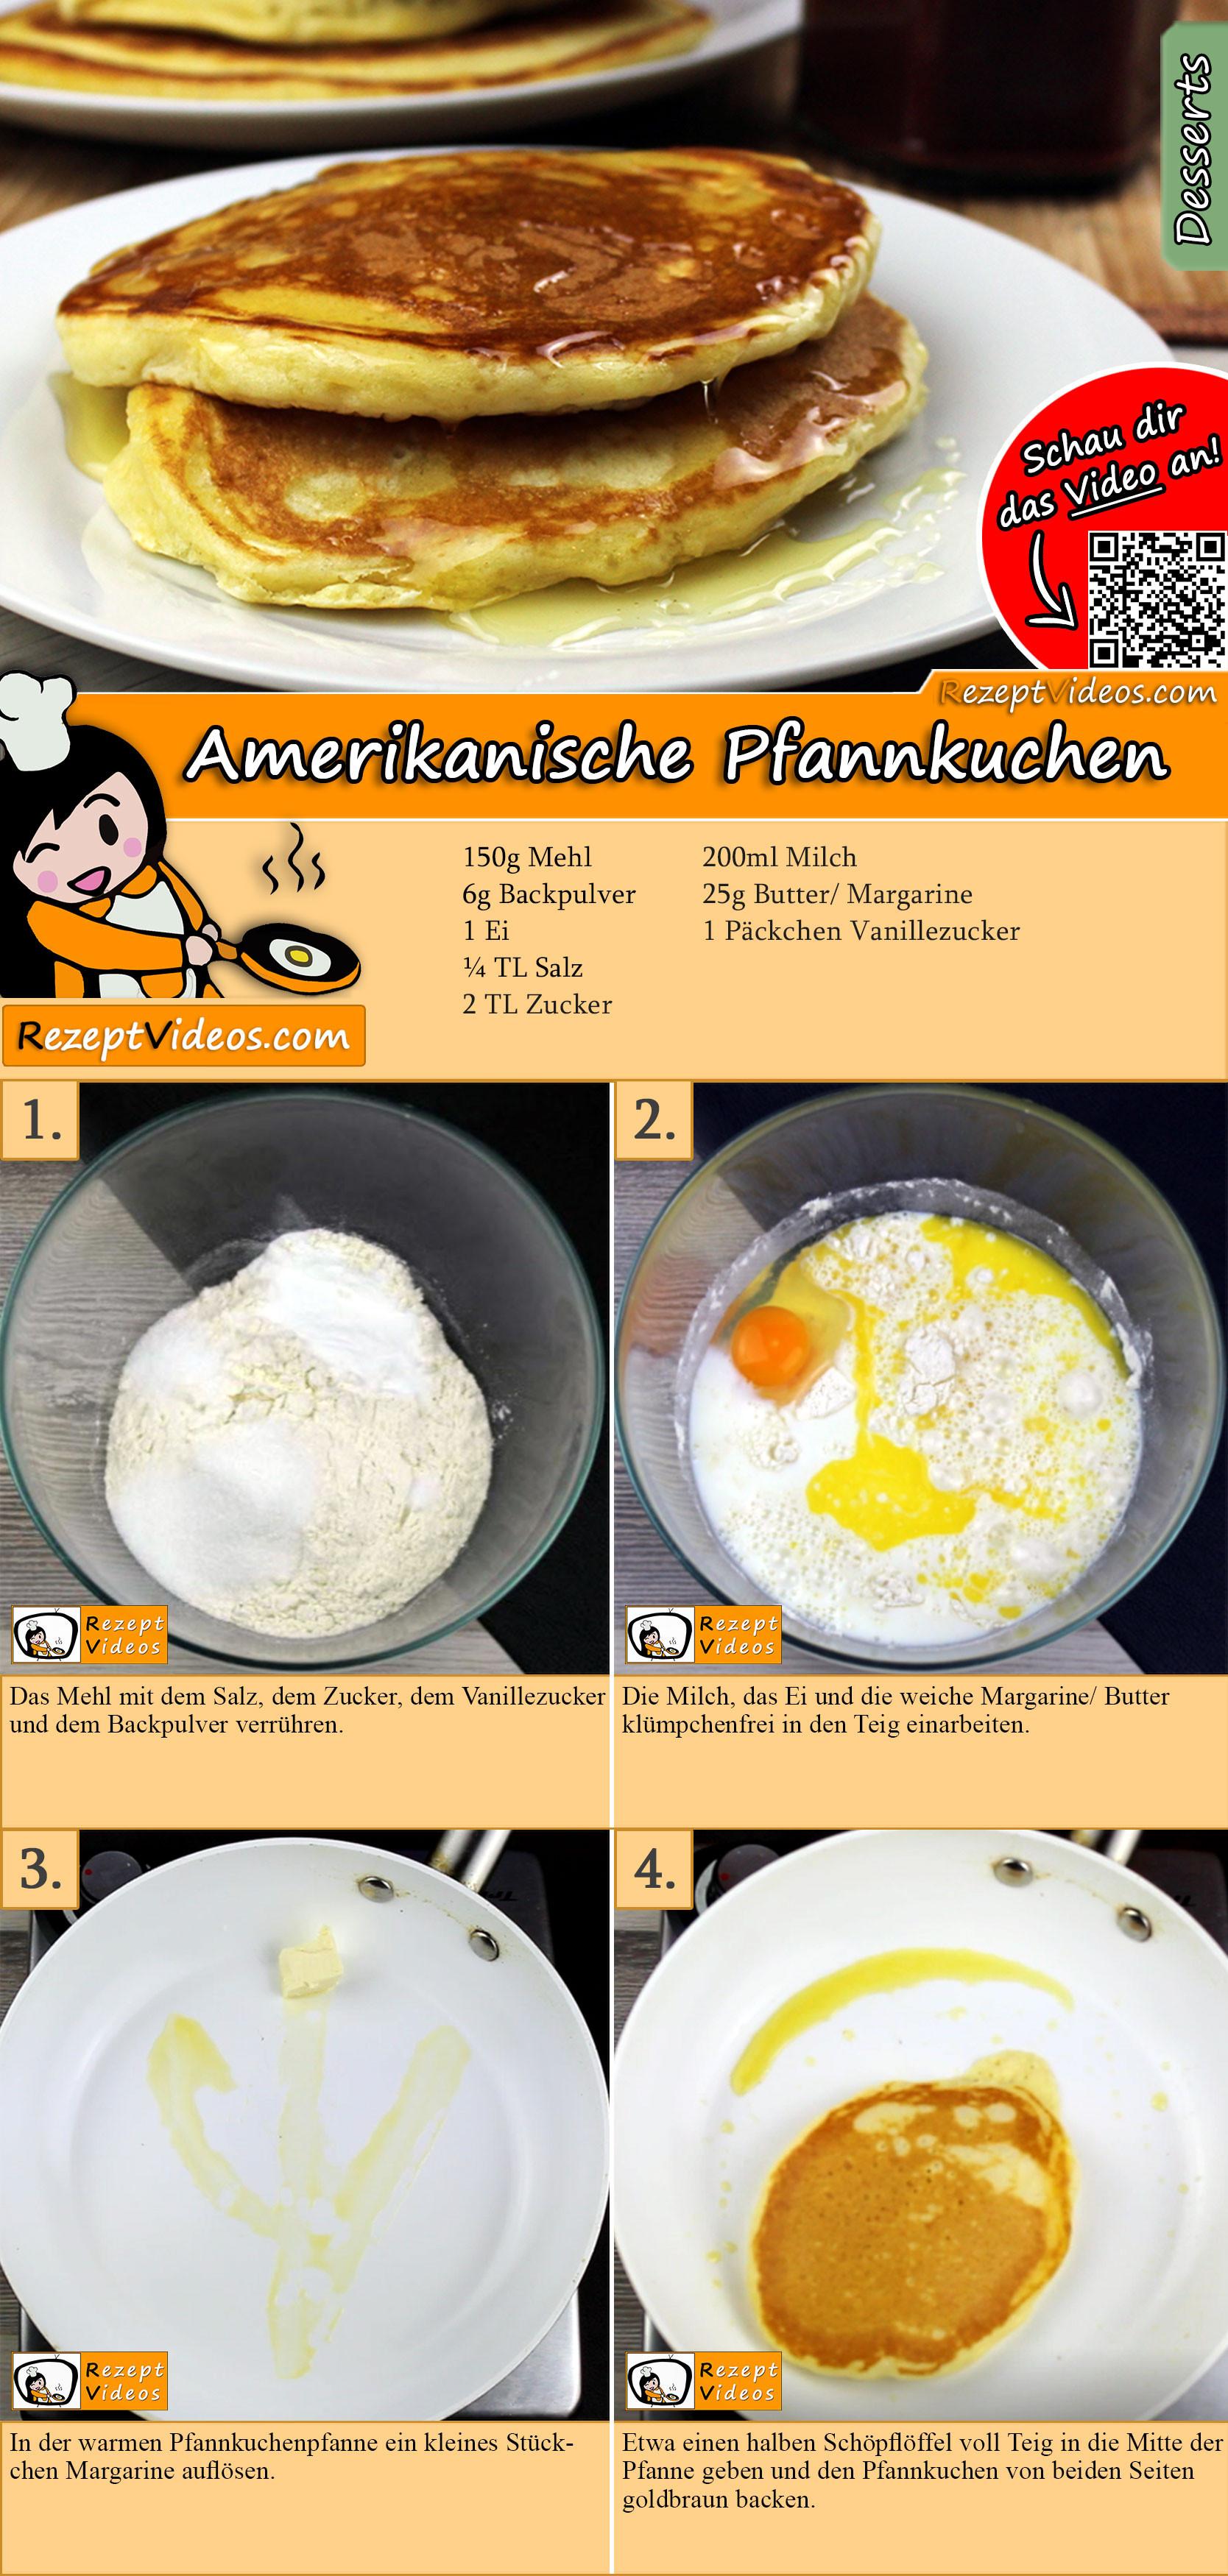 Amerikanische Pfannkuchen Rezept Mit Video Pfannkuchenteig Rezept